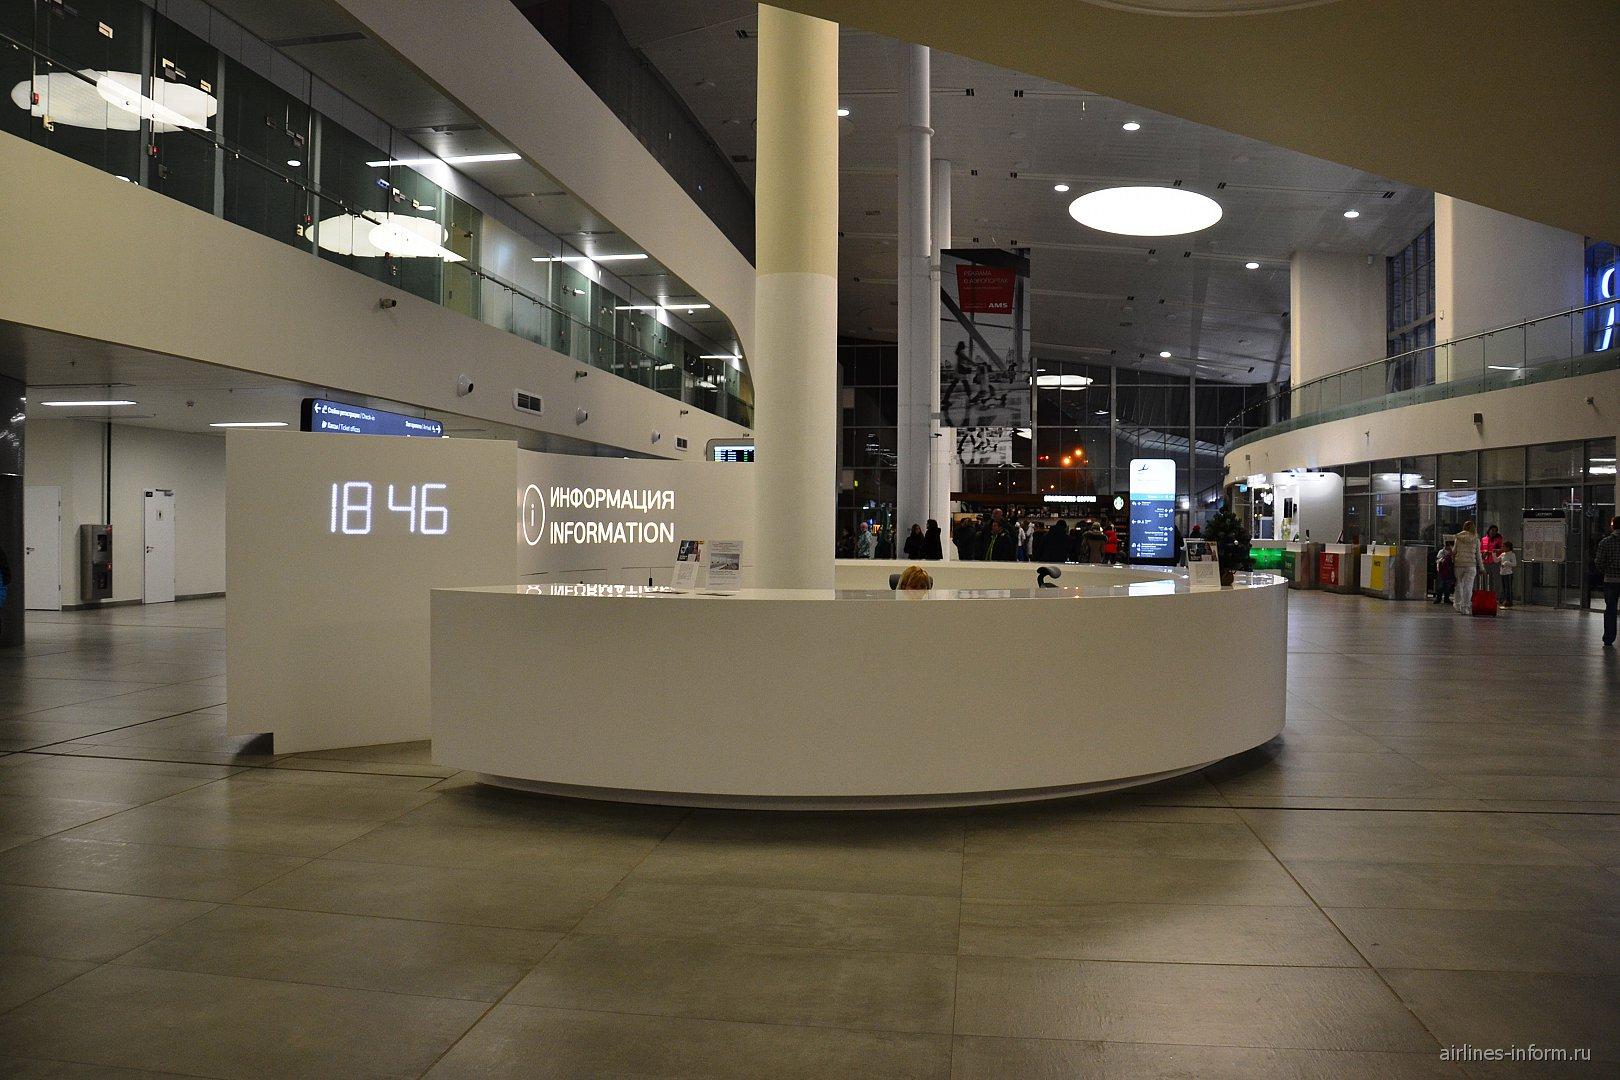 Стойка информации в аэропорту Самара Курумоч